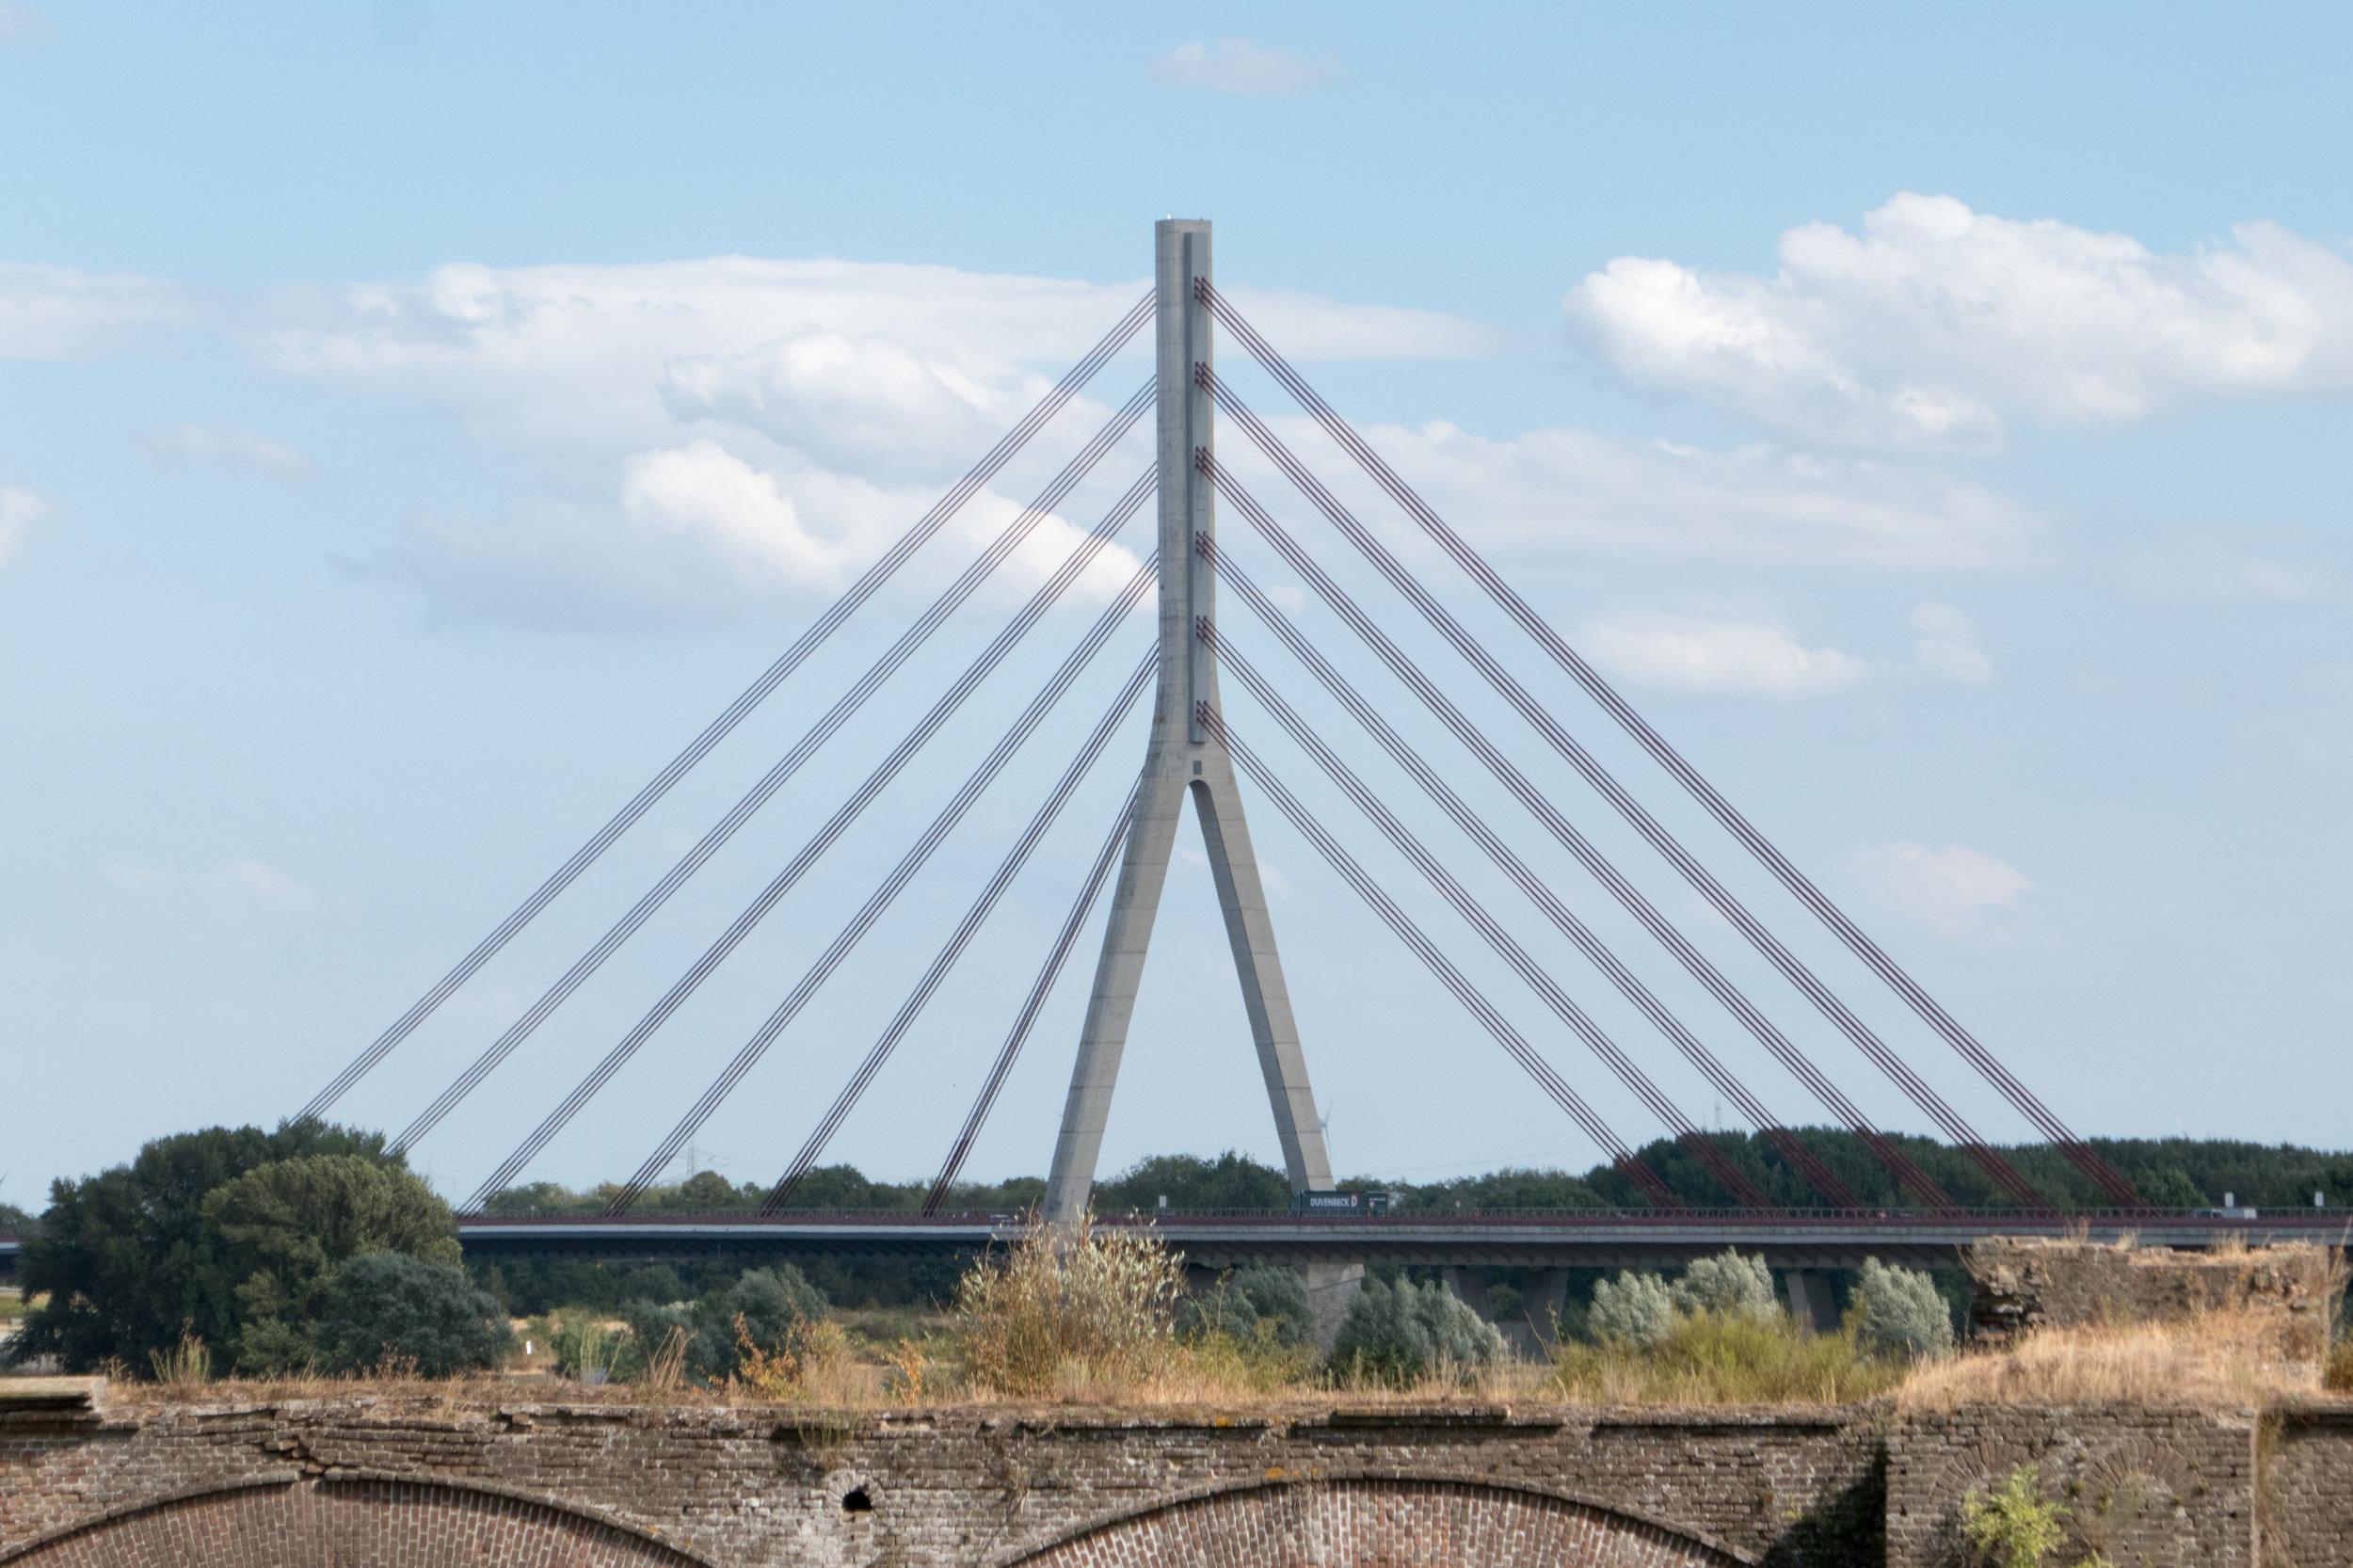 Die Niederrheinbrücke bei Wesel - im Vordergrund die Reste einer alten Eisenbahnbrücke